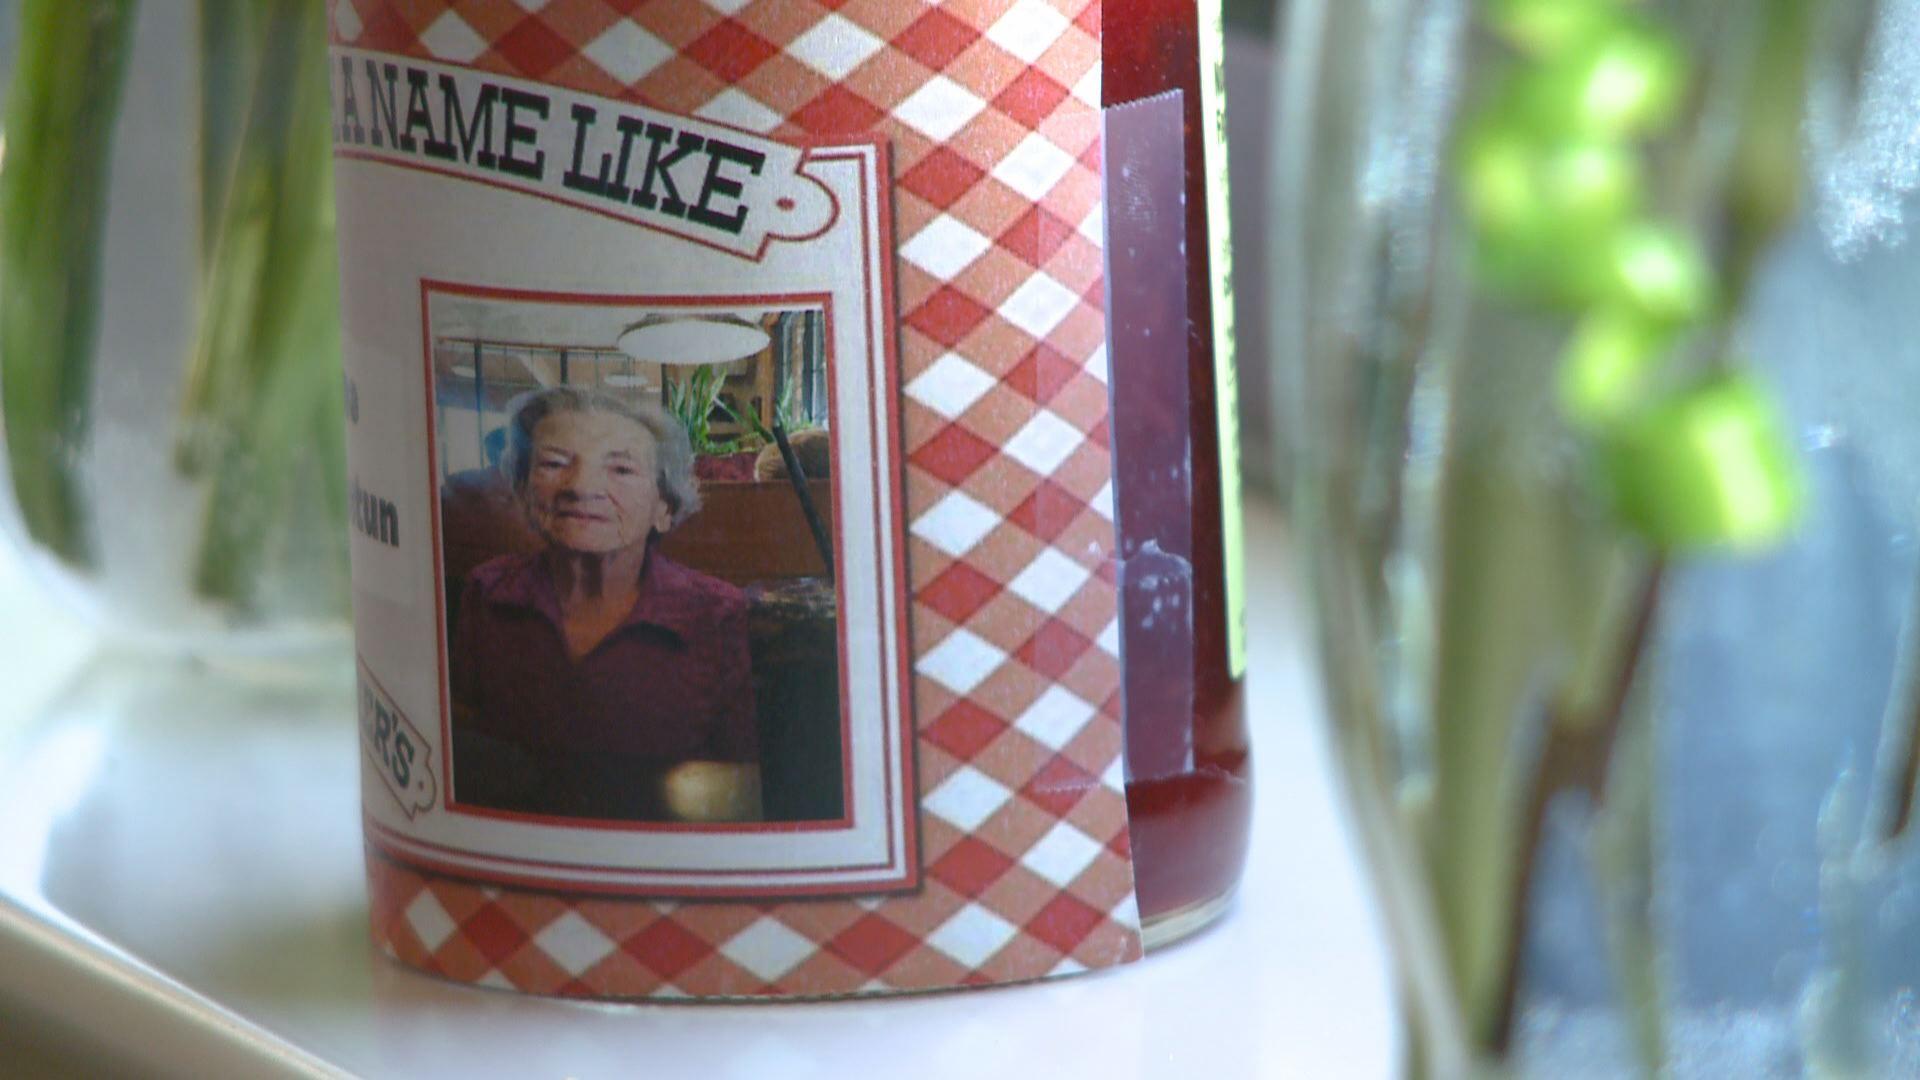 96 year old gets her face on smucker 39 s jar. Black Bedroom Furniture Sets. Home Design Ideas